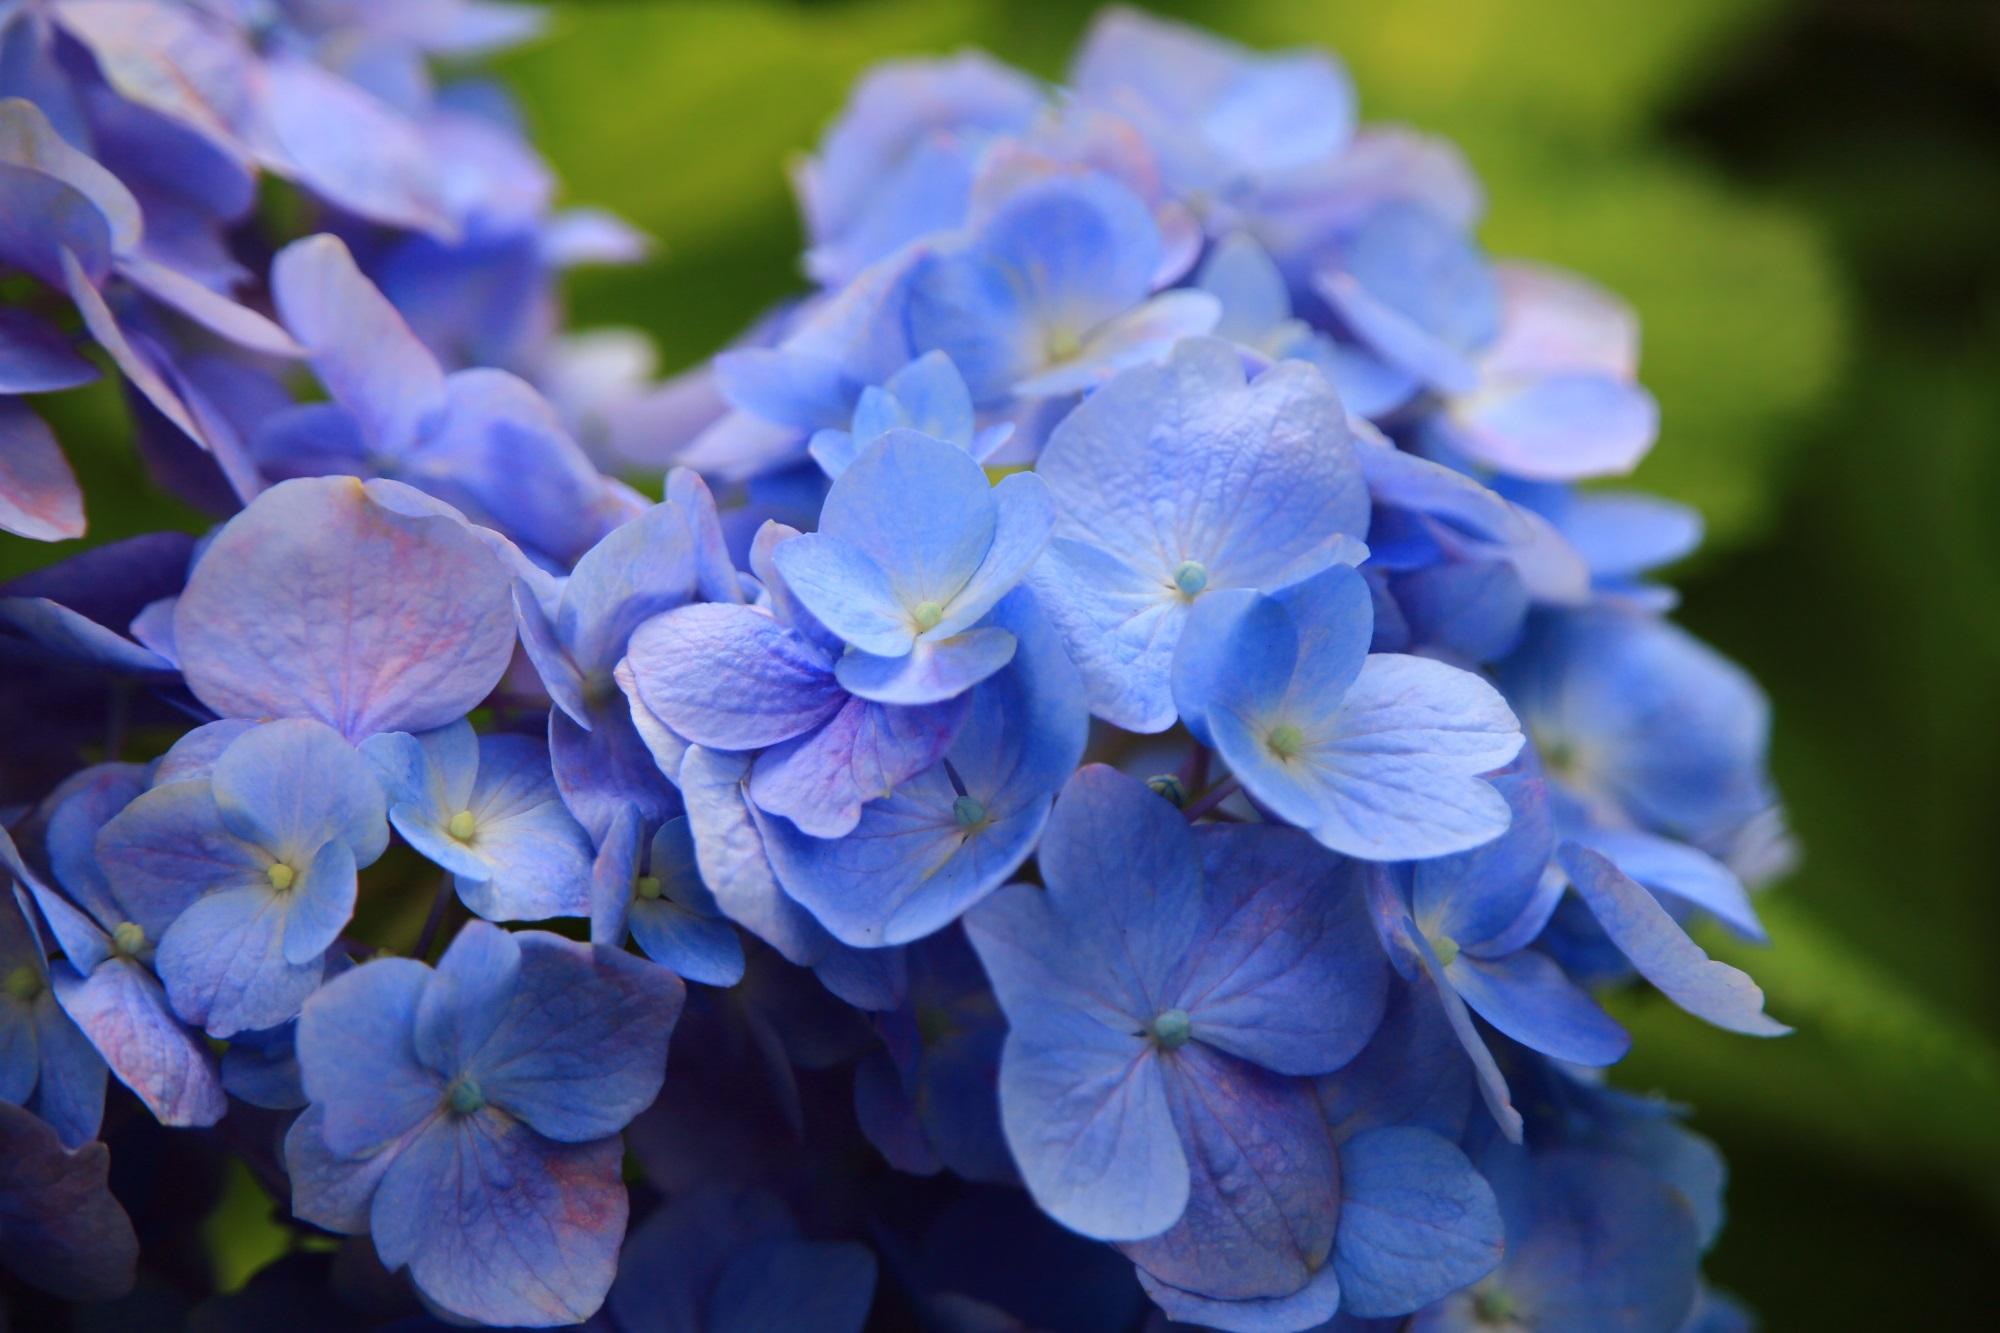 三室戸寺の淡く優しい色合いの青系の紫陽花